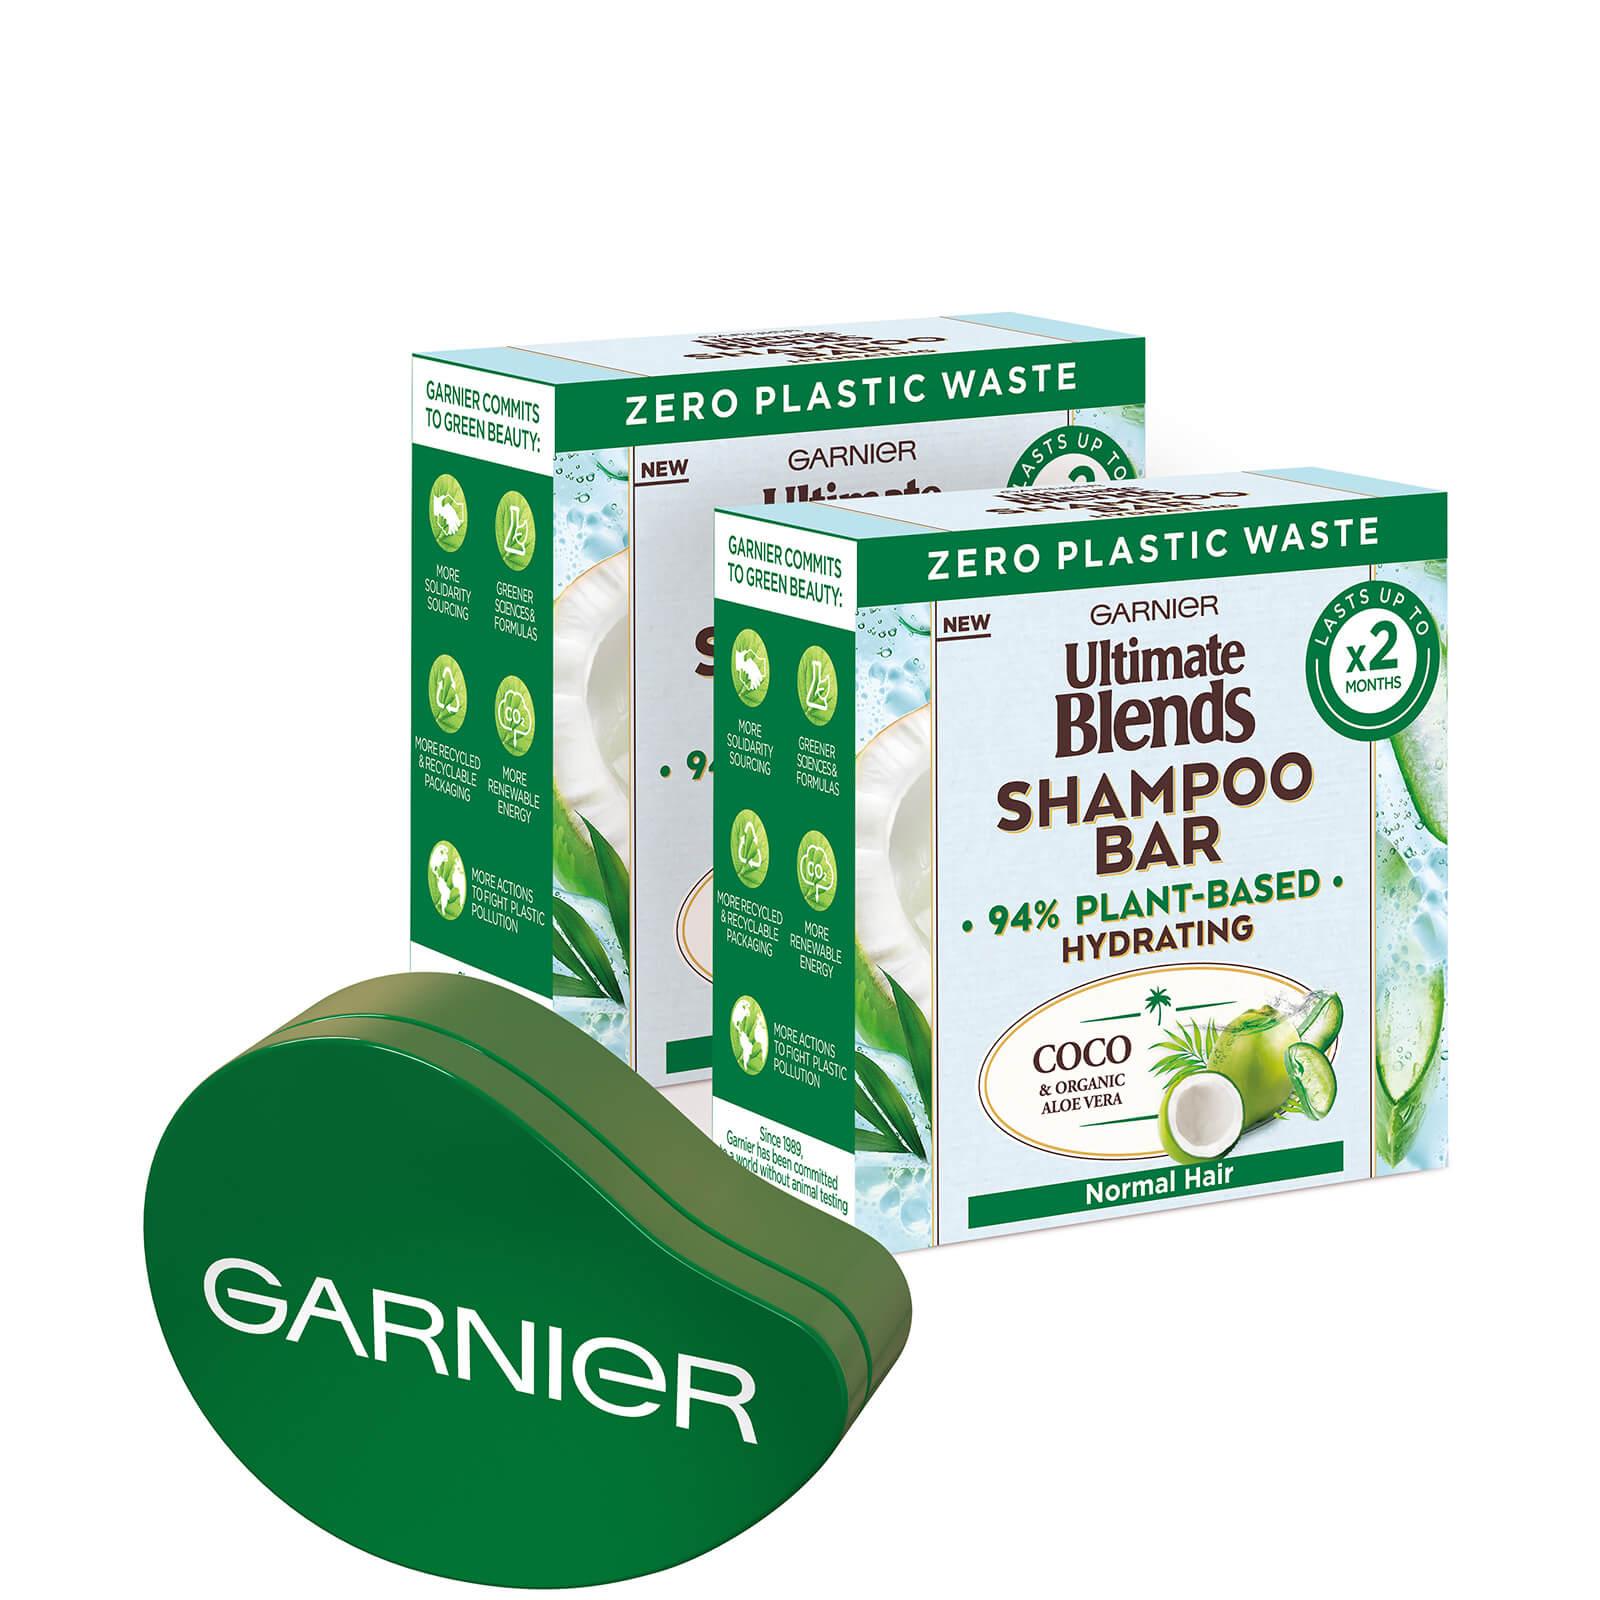 Garnier Ultimate Blends Coconut Shampoo Bar Bundle